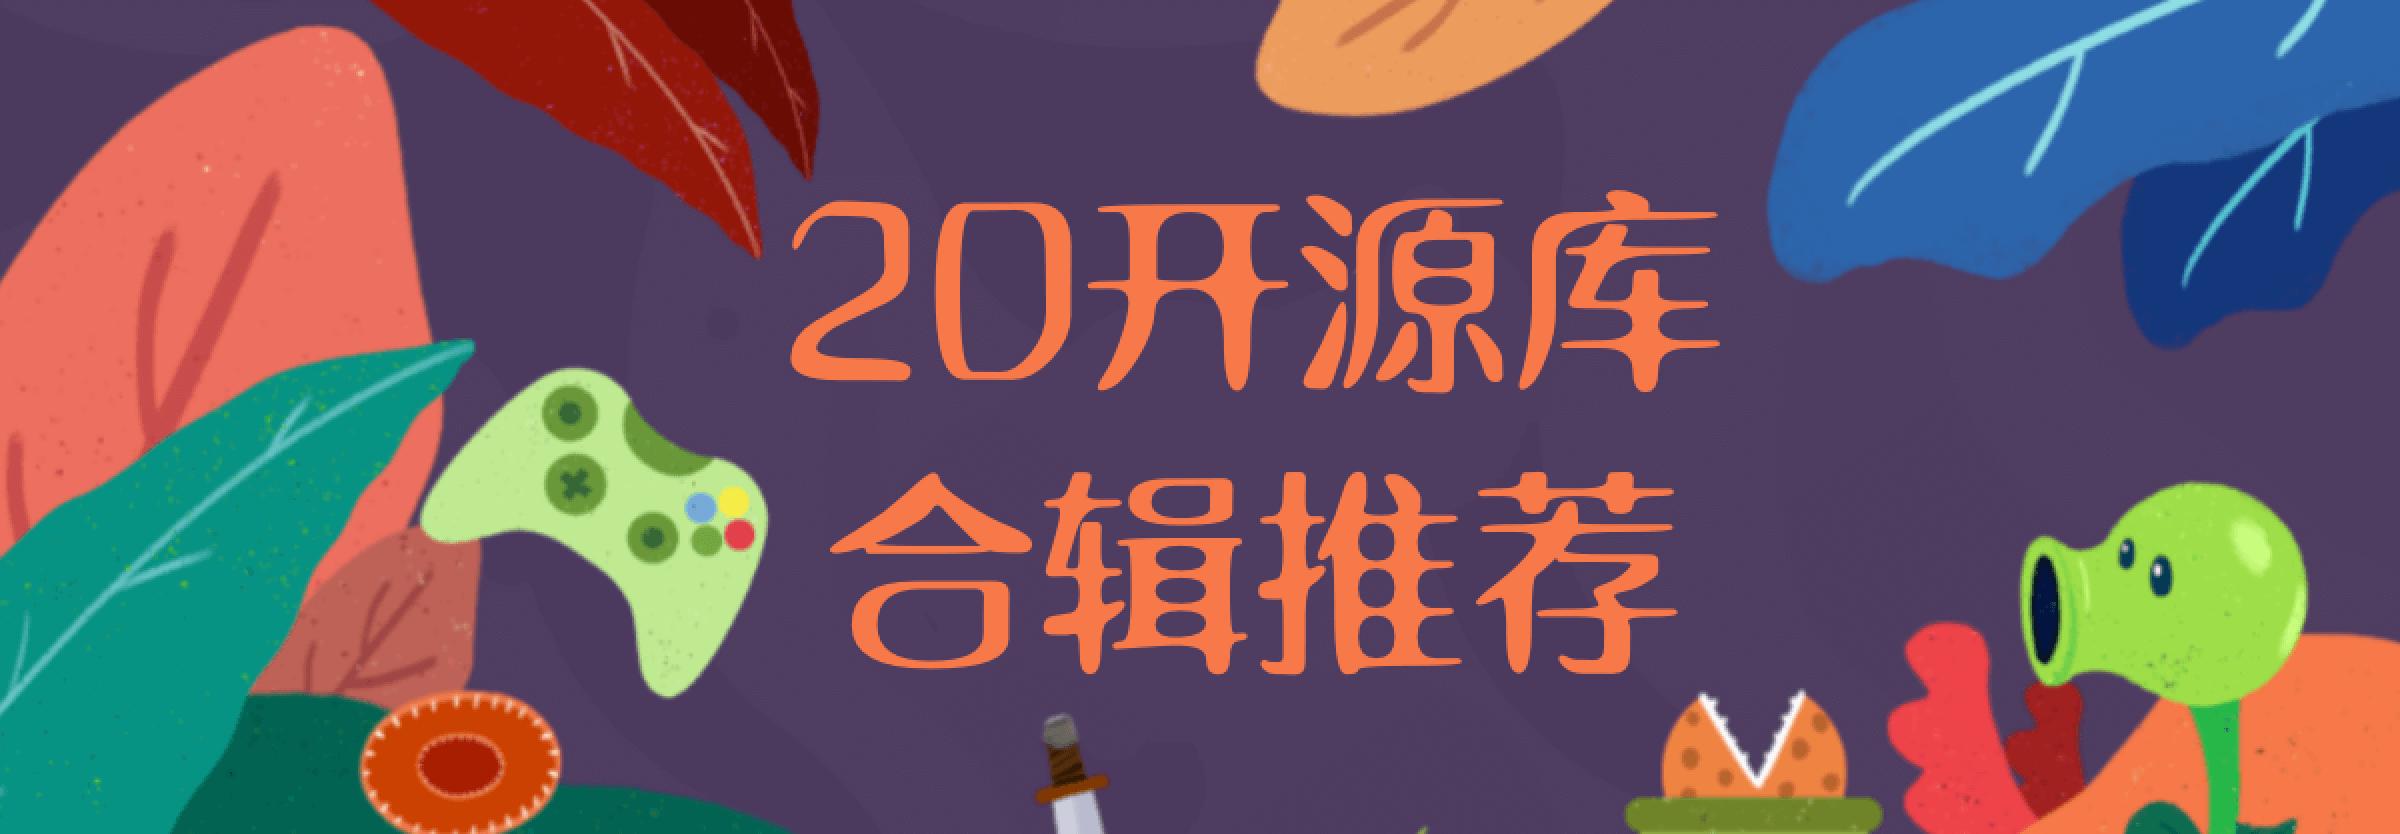 2D开源库合辑推荐